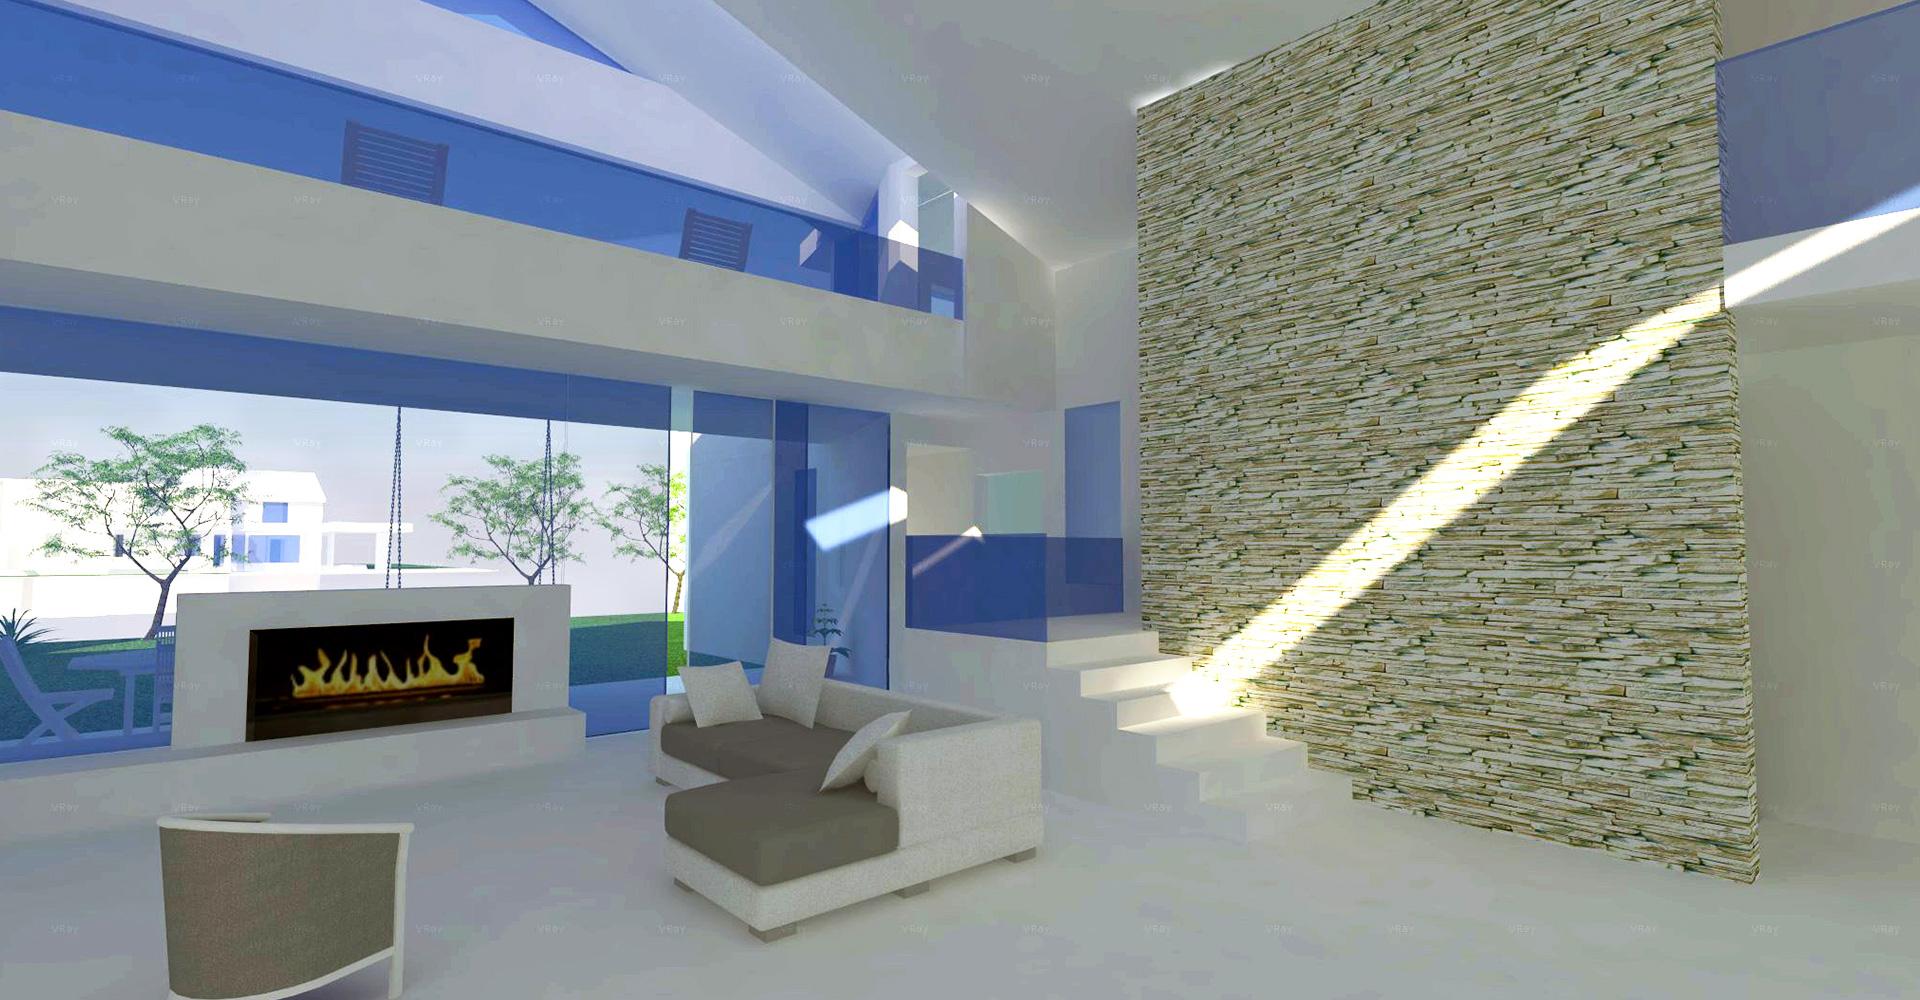 Residential-Interior-Design-Hiline-Lahore-portfolio-65J-DHA-EME-05 (35)